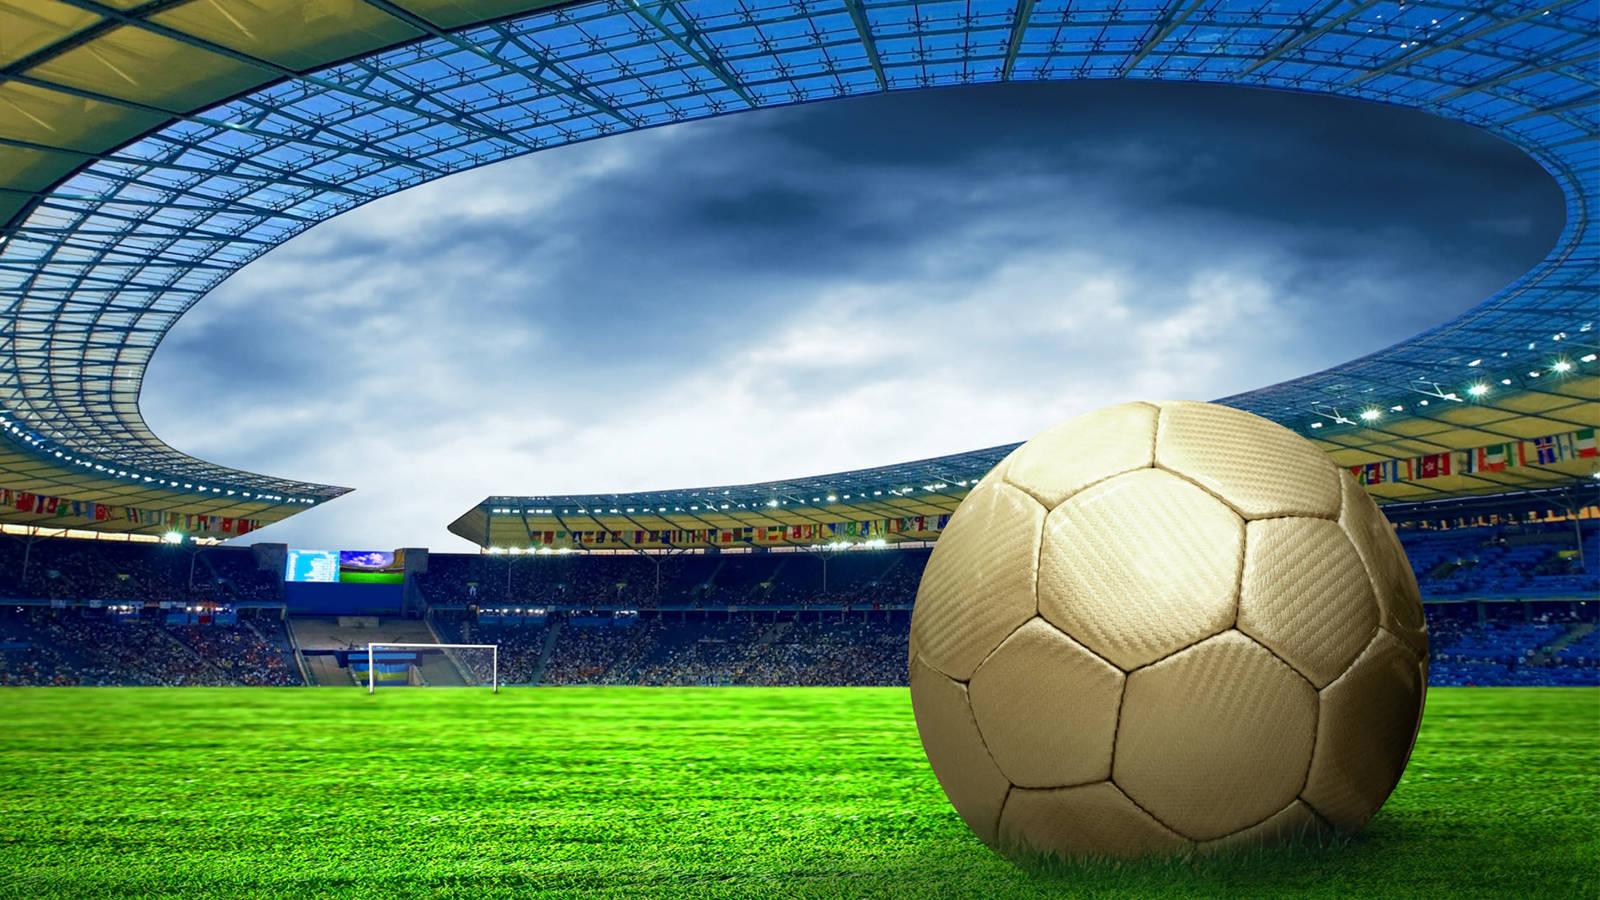 5 Best Football Kodi Addons - The Best Ways to Watch Soccer